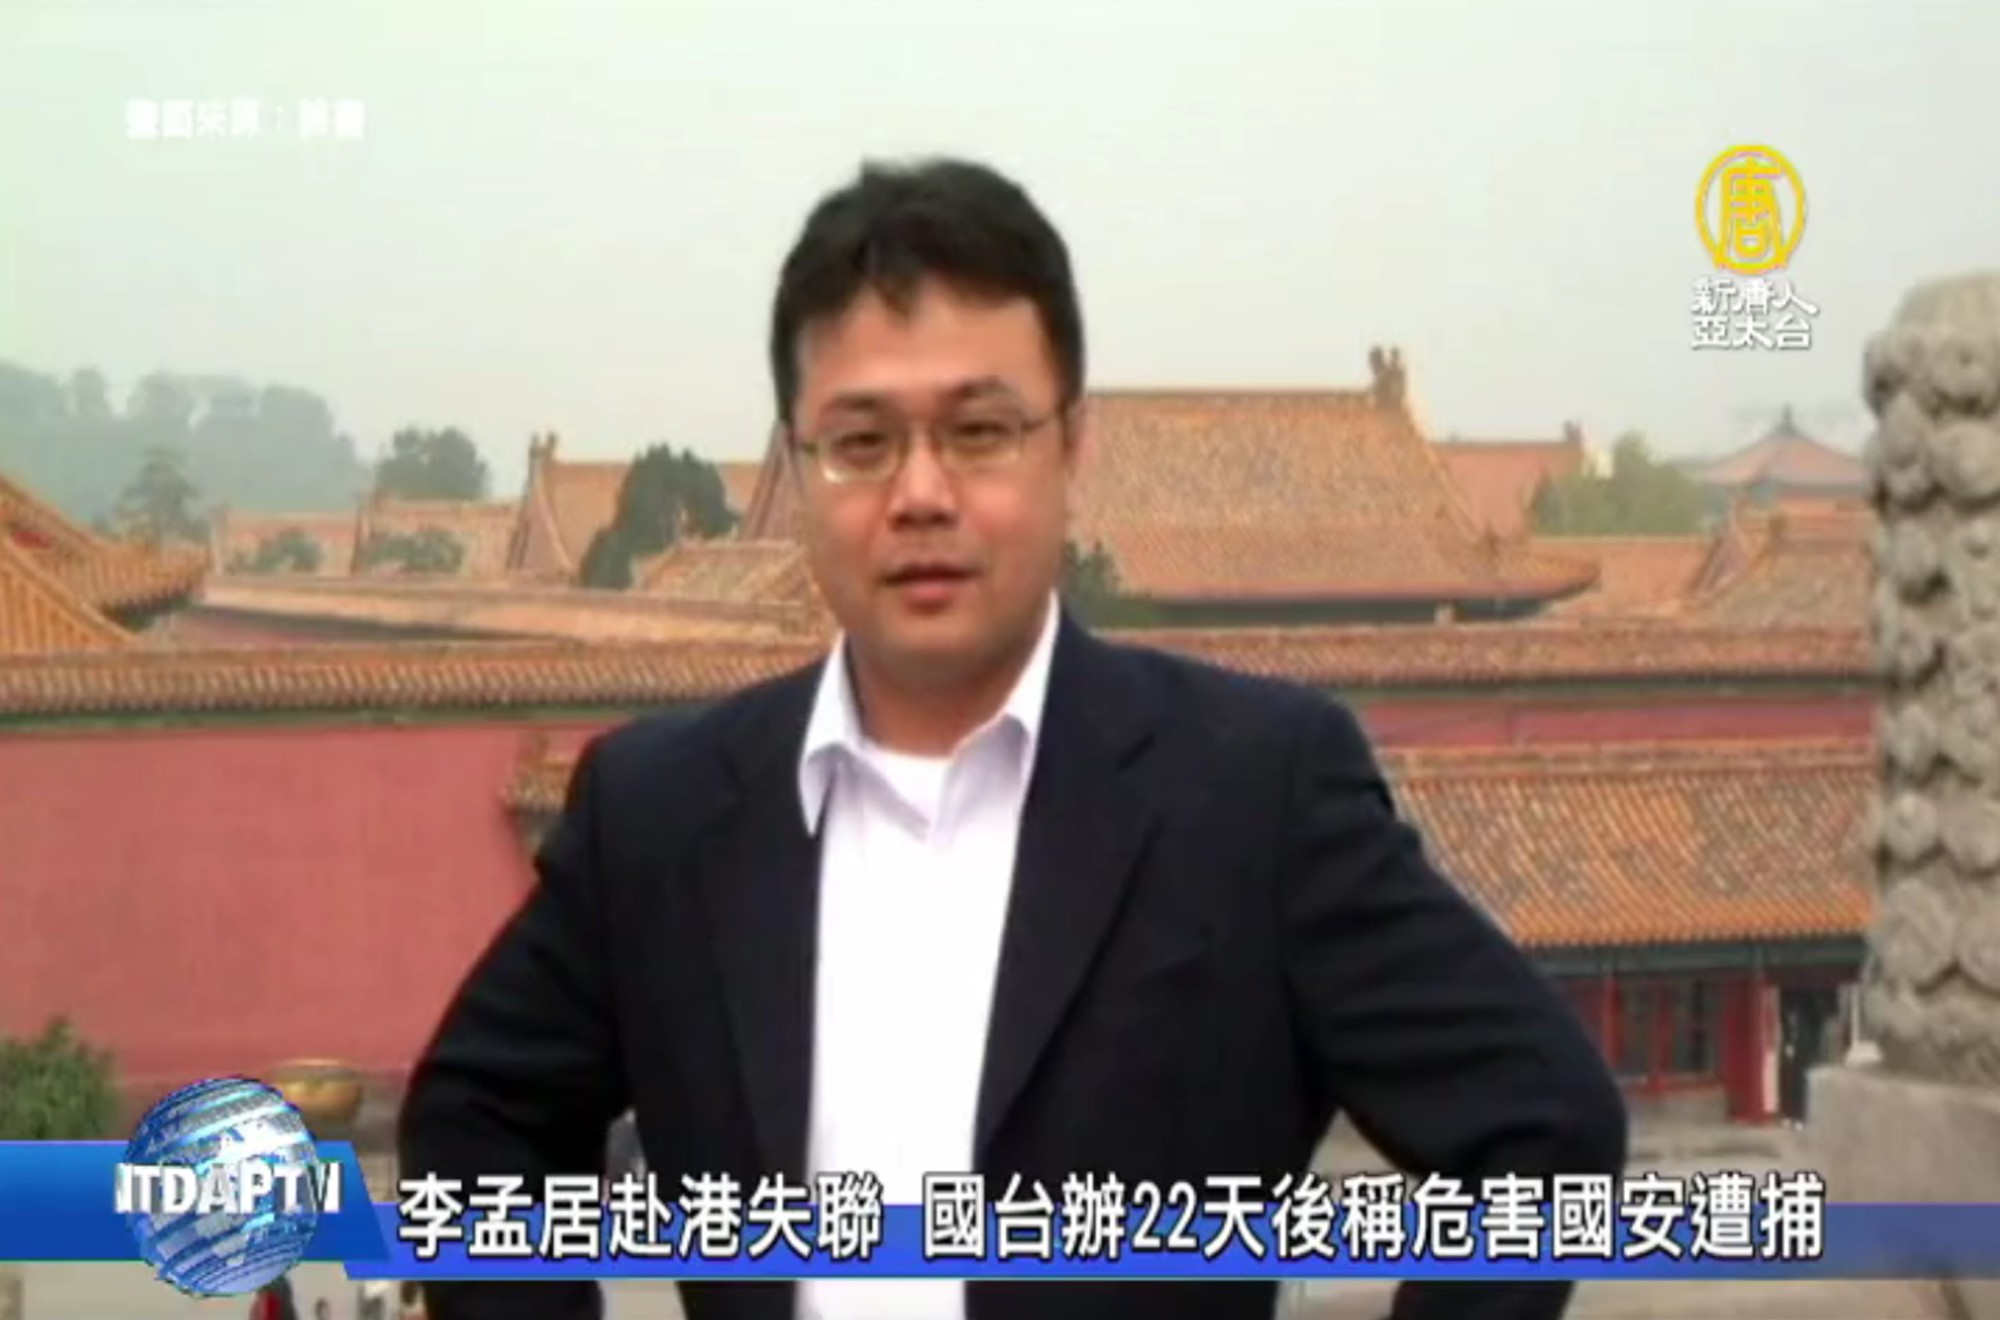 當中國人的代價 台作家:或莫名其妙人間蒸發